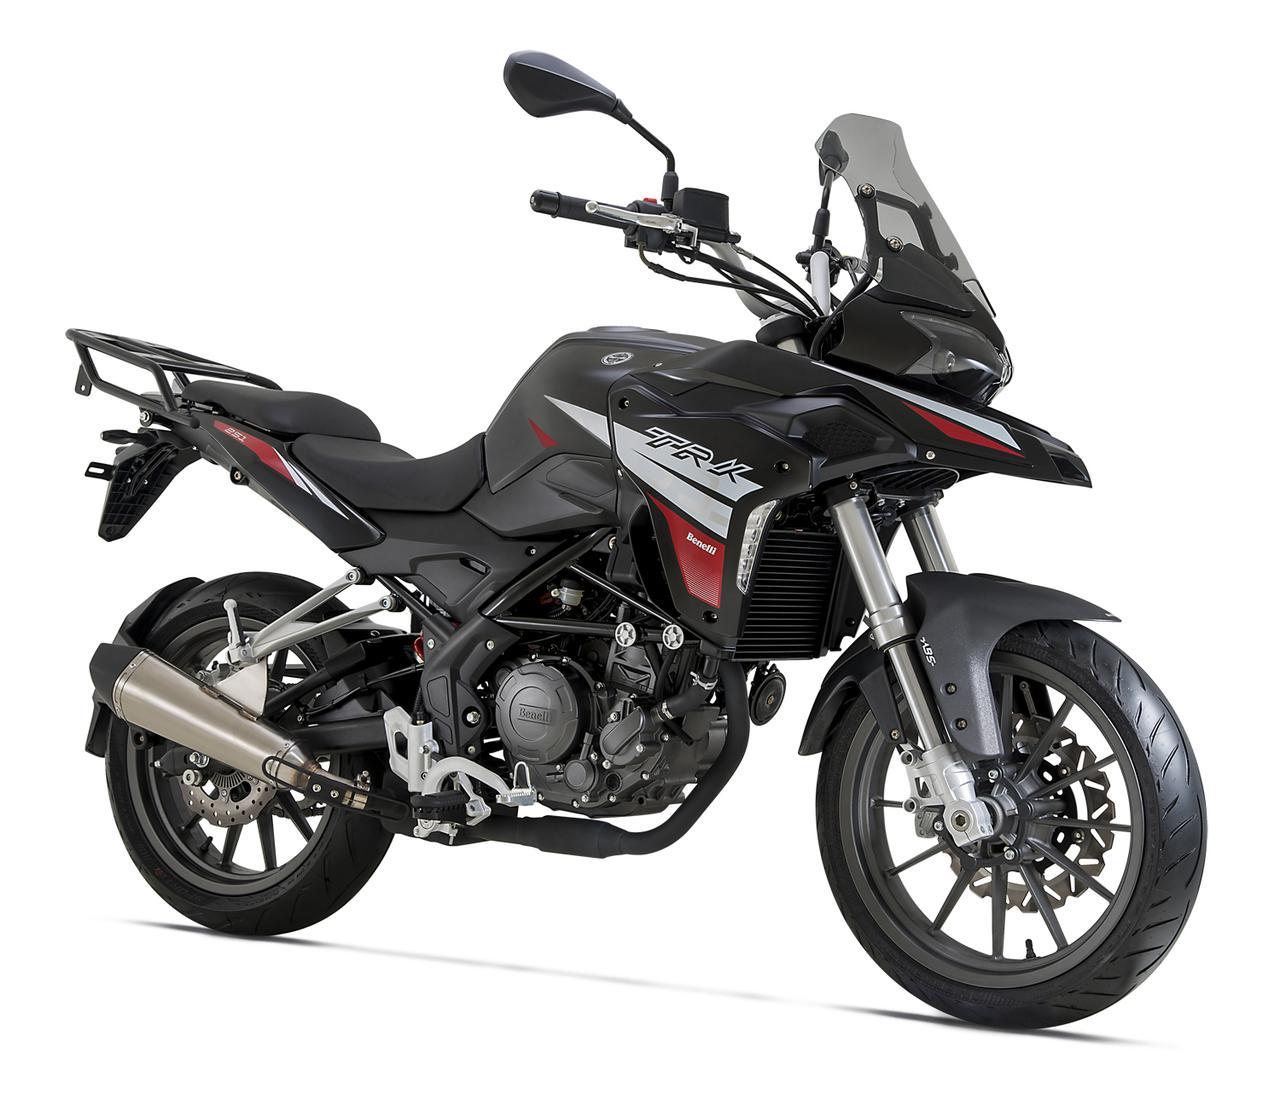 画像2: ベネリ「TRK251」日本発売間近! 250ccアドベンチャーバイクに新たな選択肢が加わった【2021速報】